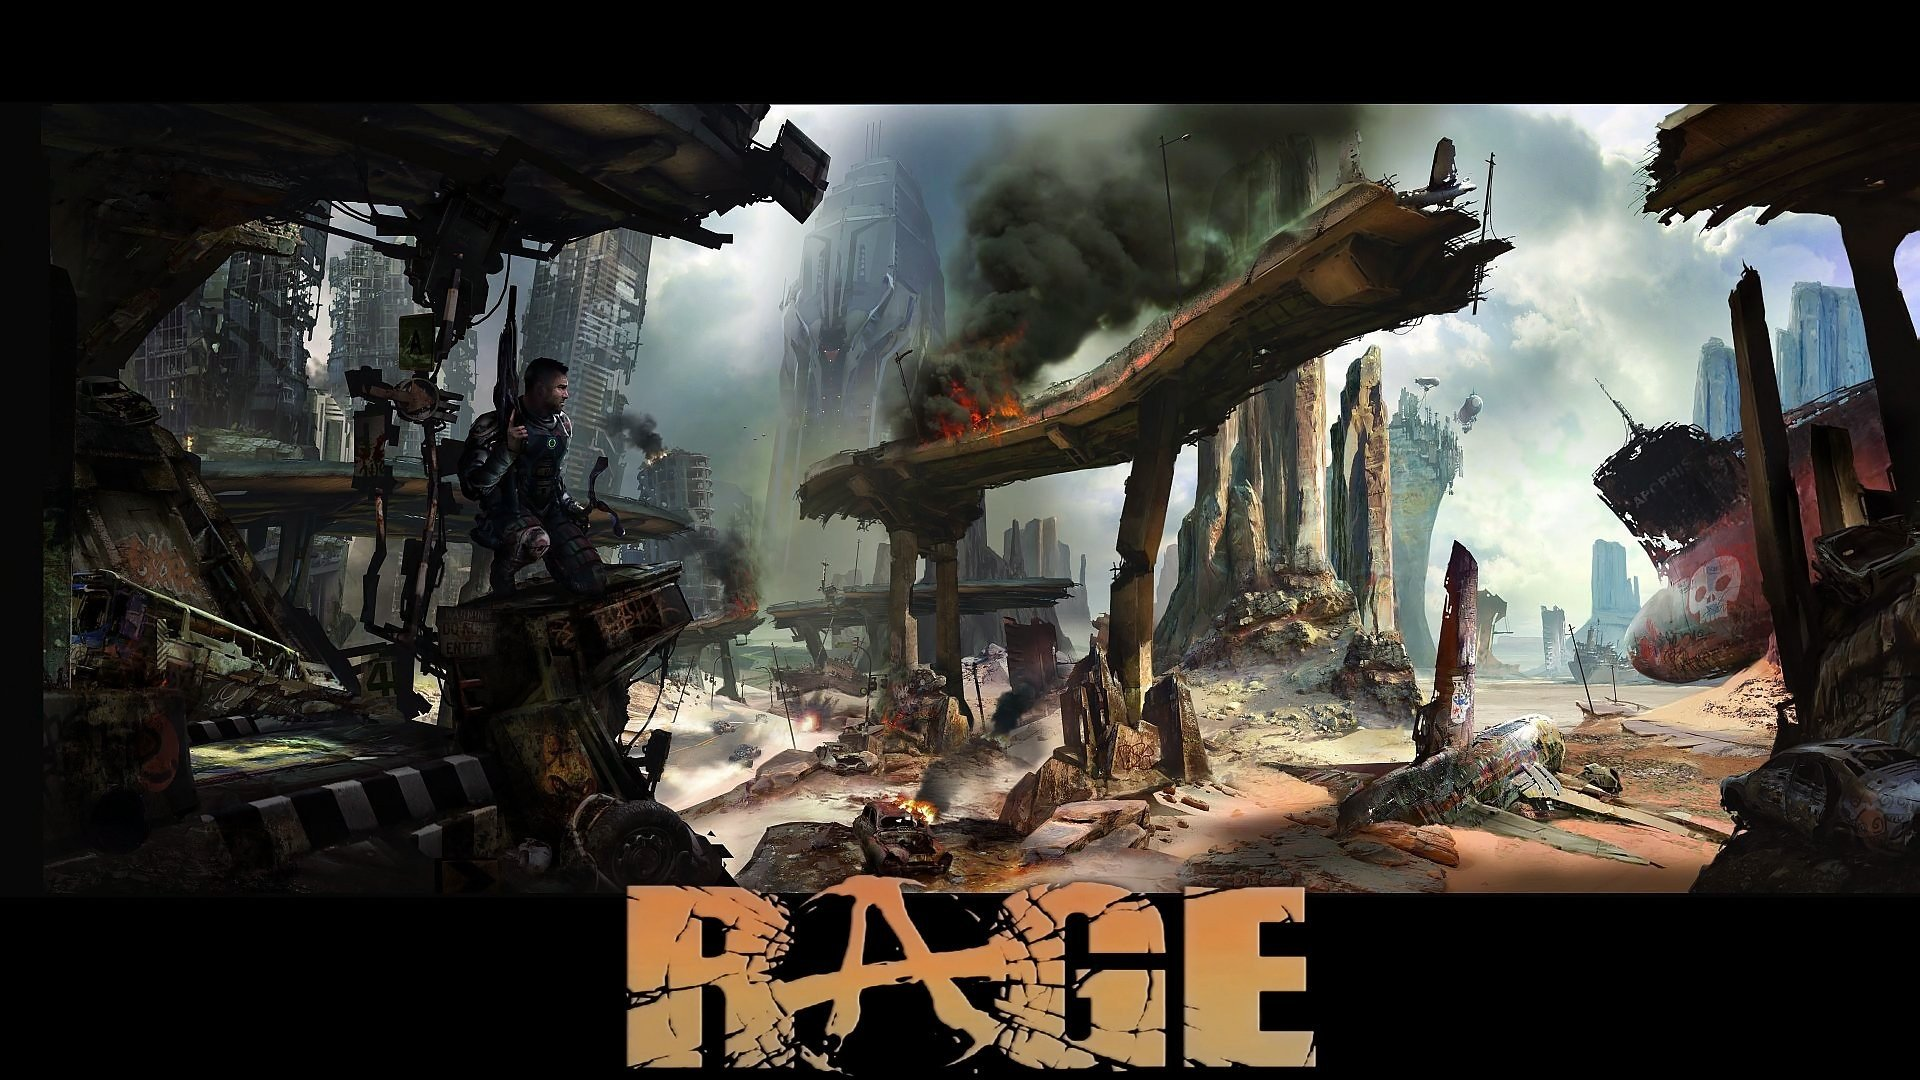 Rage Video Games Video Games Destruction Rage